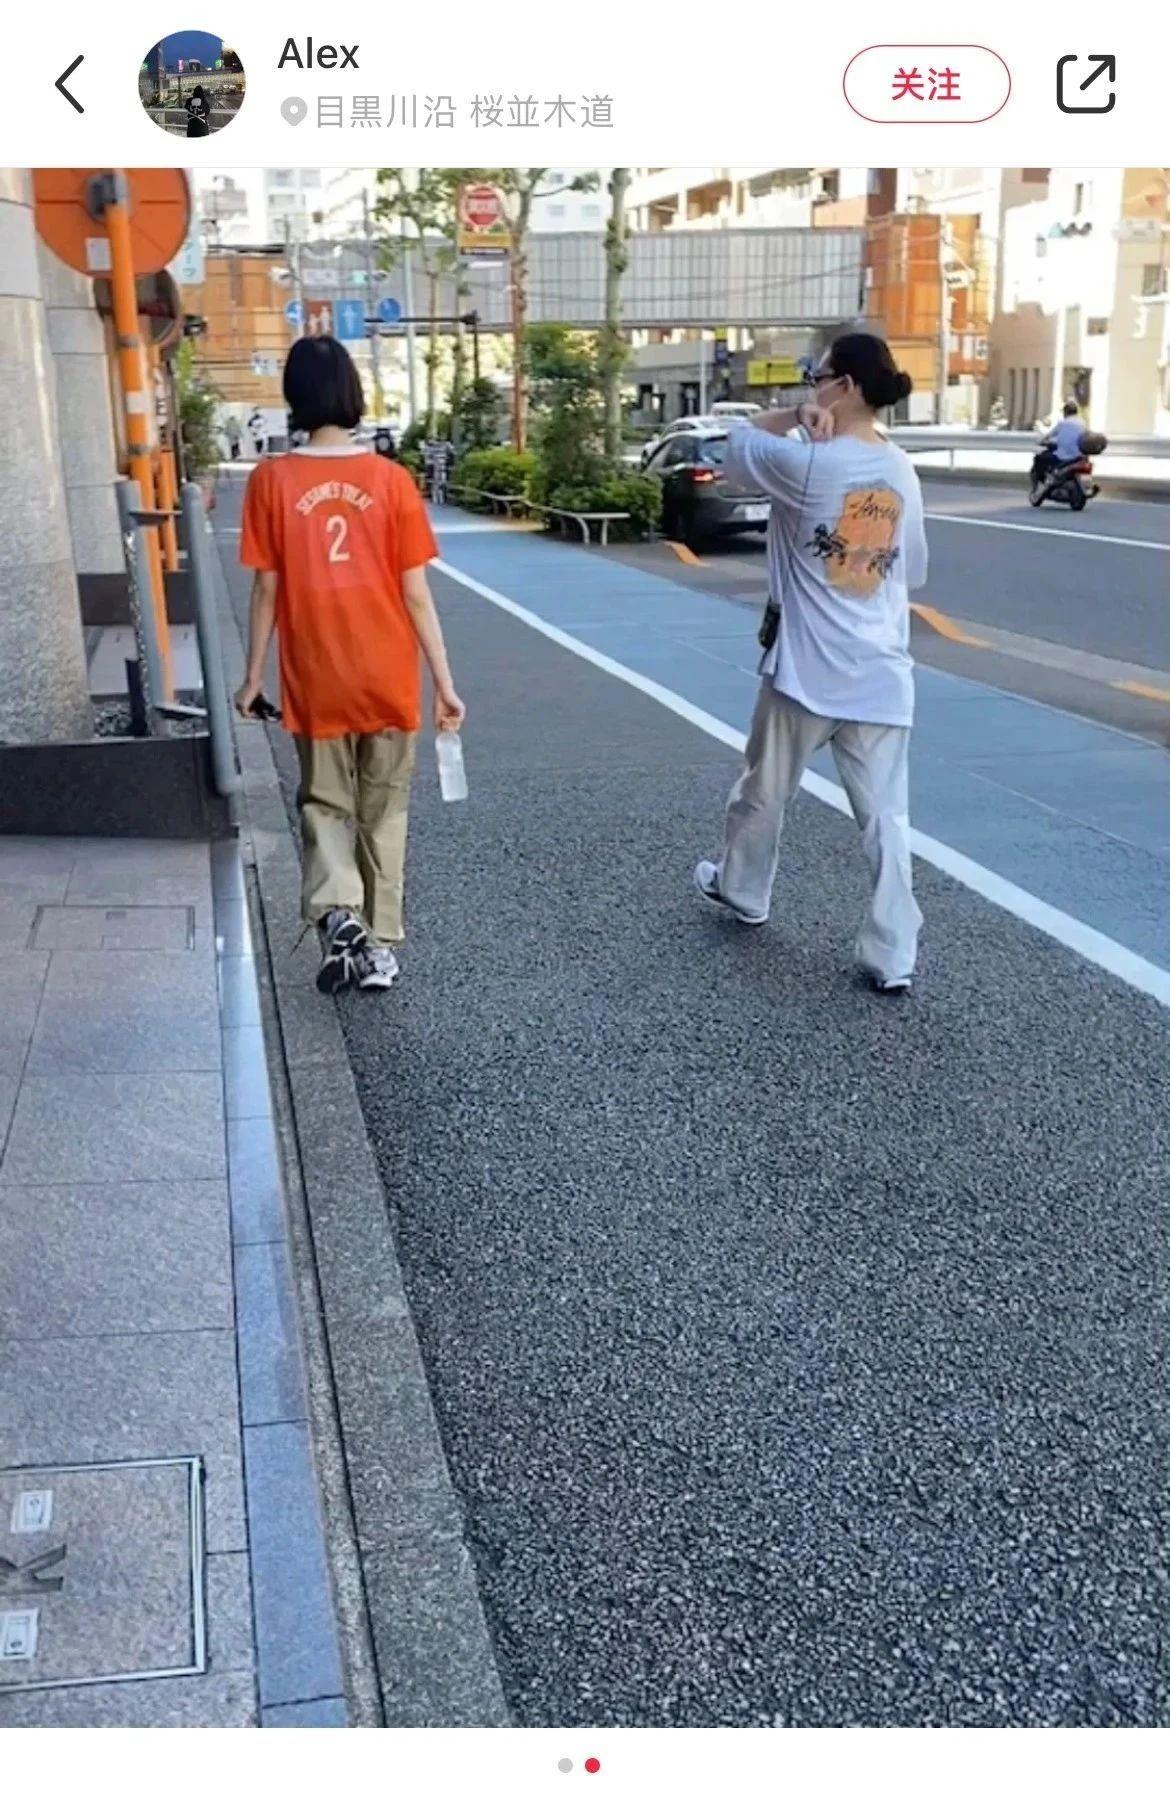 这次菅田将晖和小松菜奈的恋情实锤居然是中国网友提供的 (4)